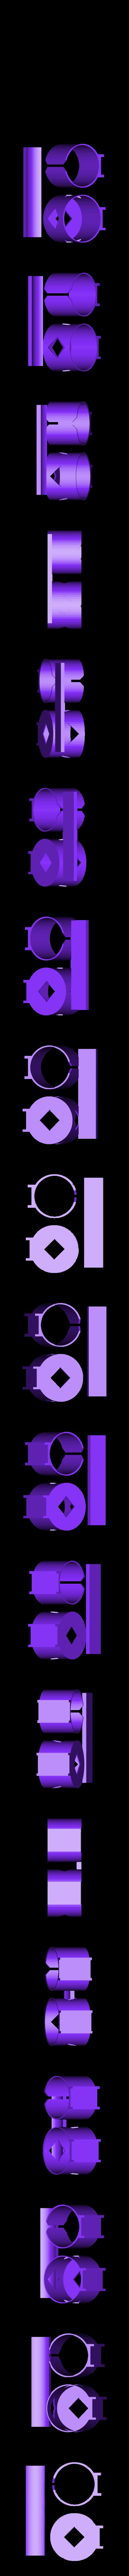 bikebottleholder.stl Télécharger fichier STL gratuit Porte-bidon pour bicyclette avec attache à fermeture éclair • Modèle à imprimer en 3D, arpruss